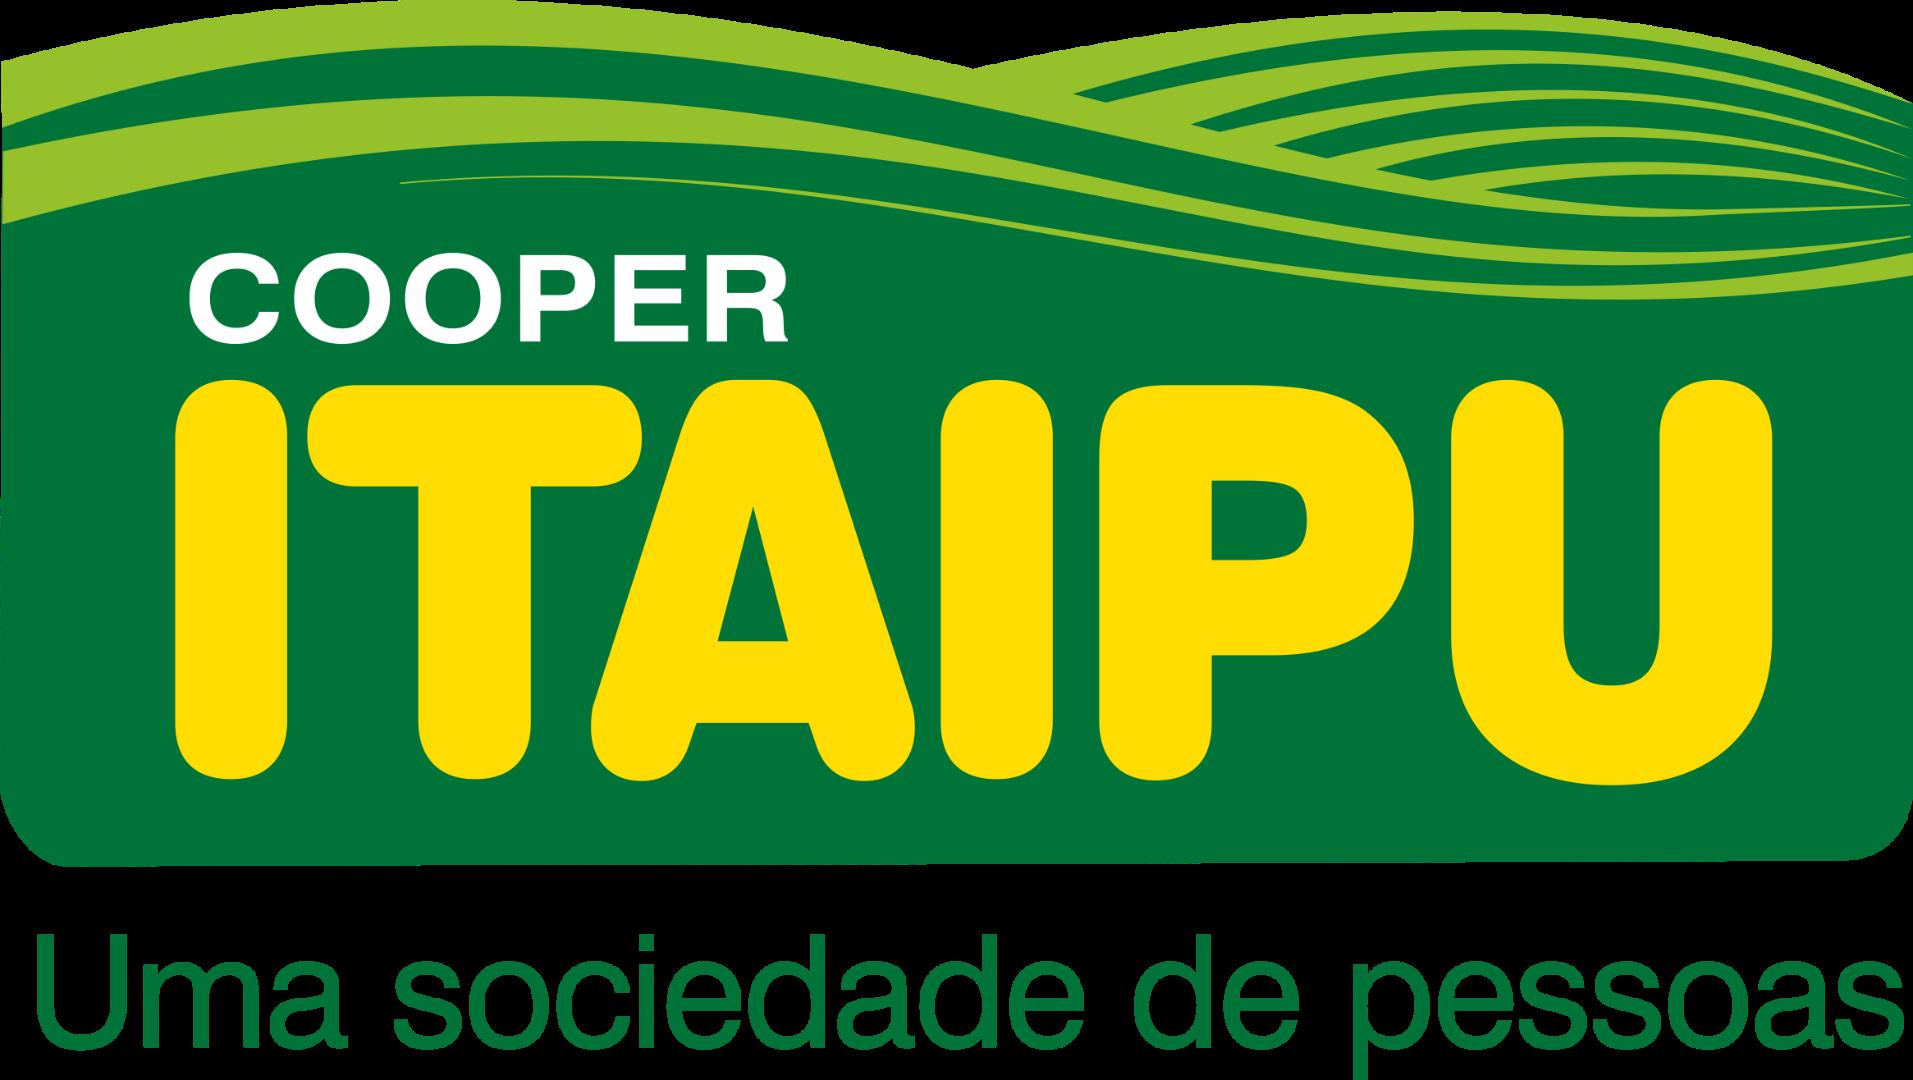 Cooperativa Regional Itaipu